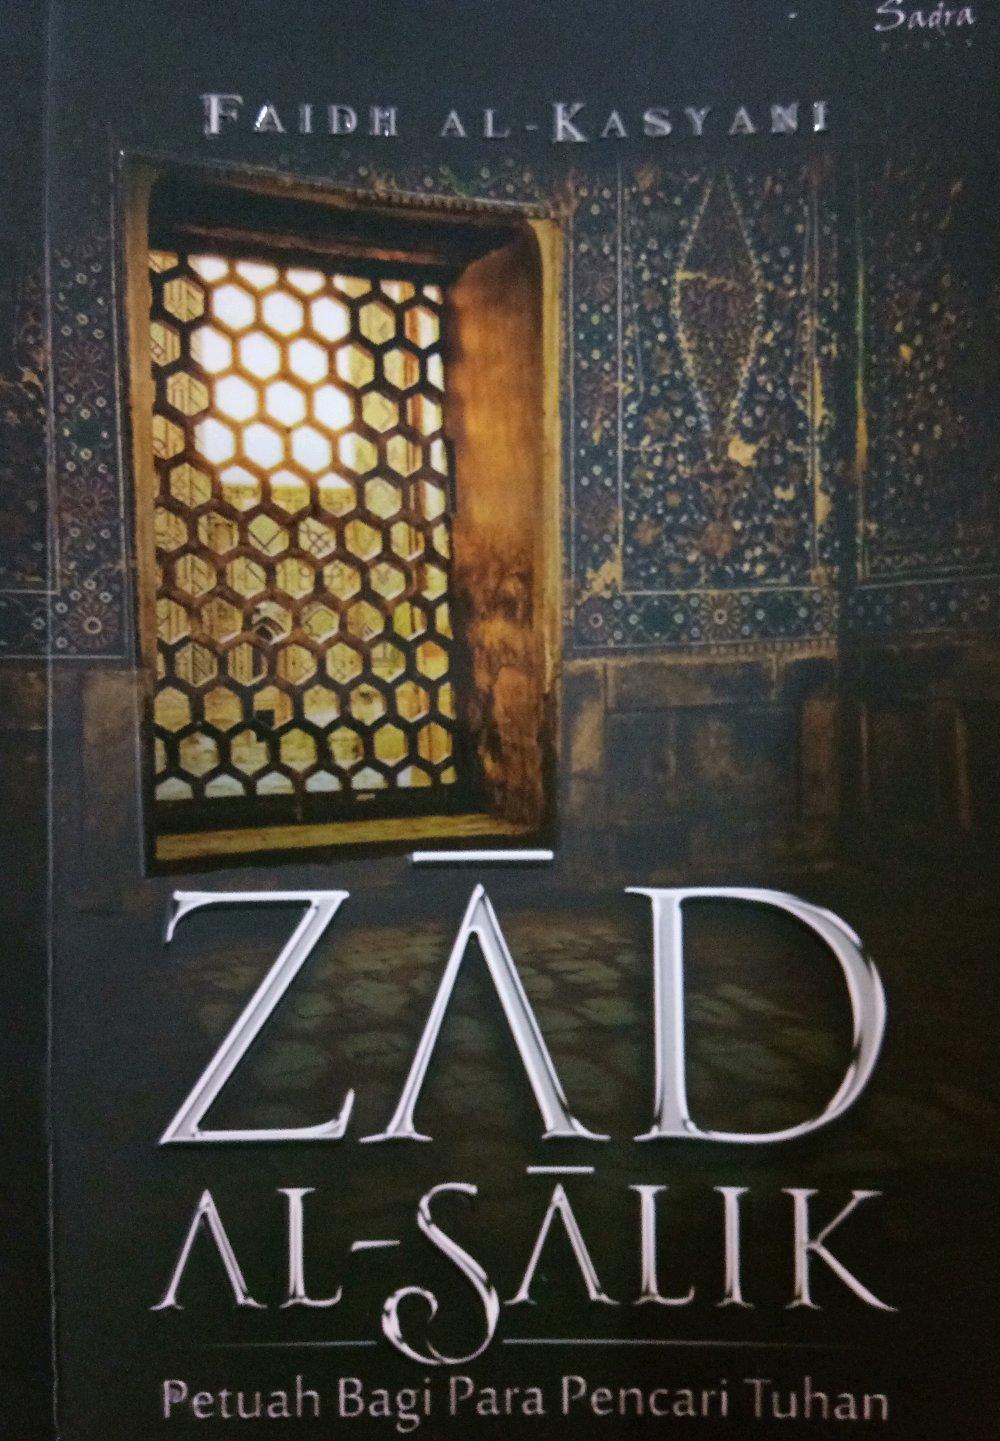 ZAD AL-SALIK